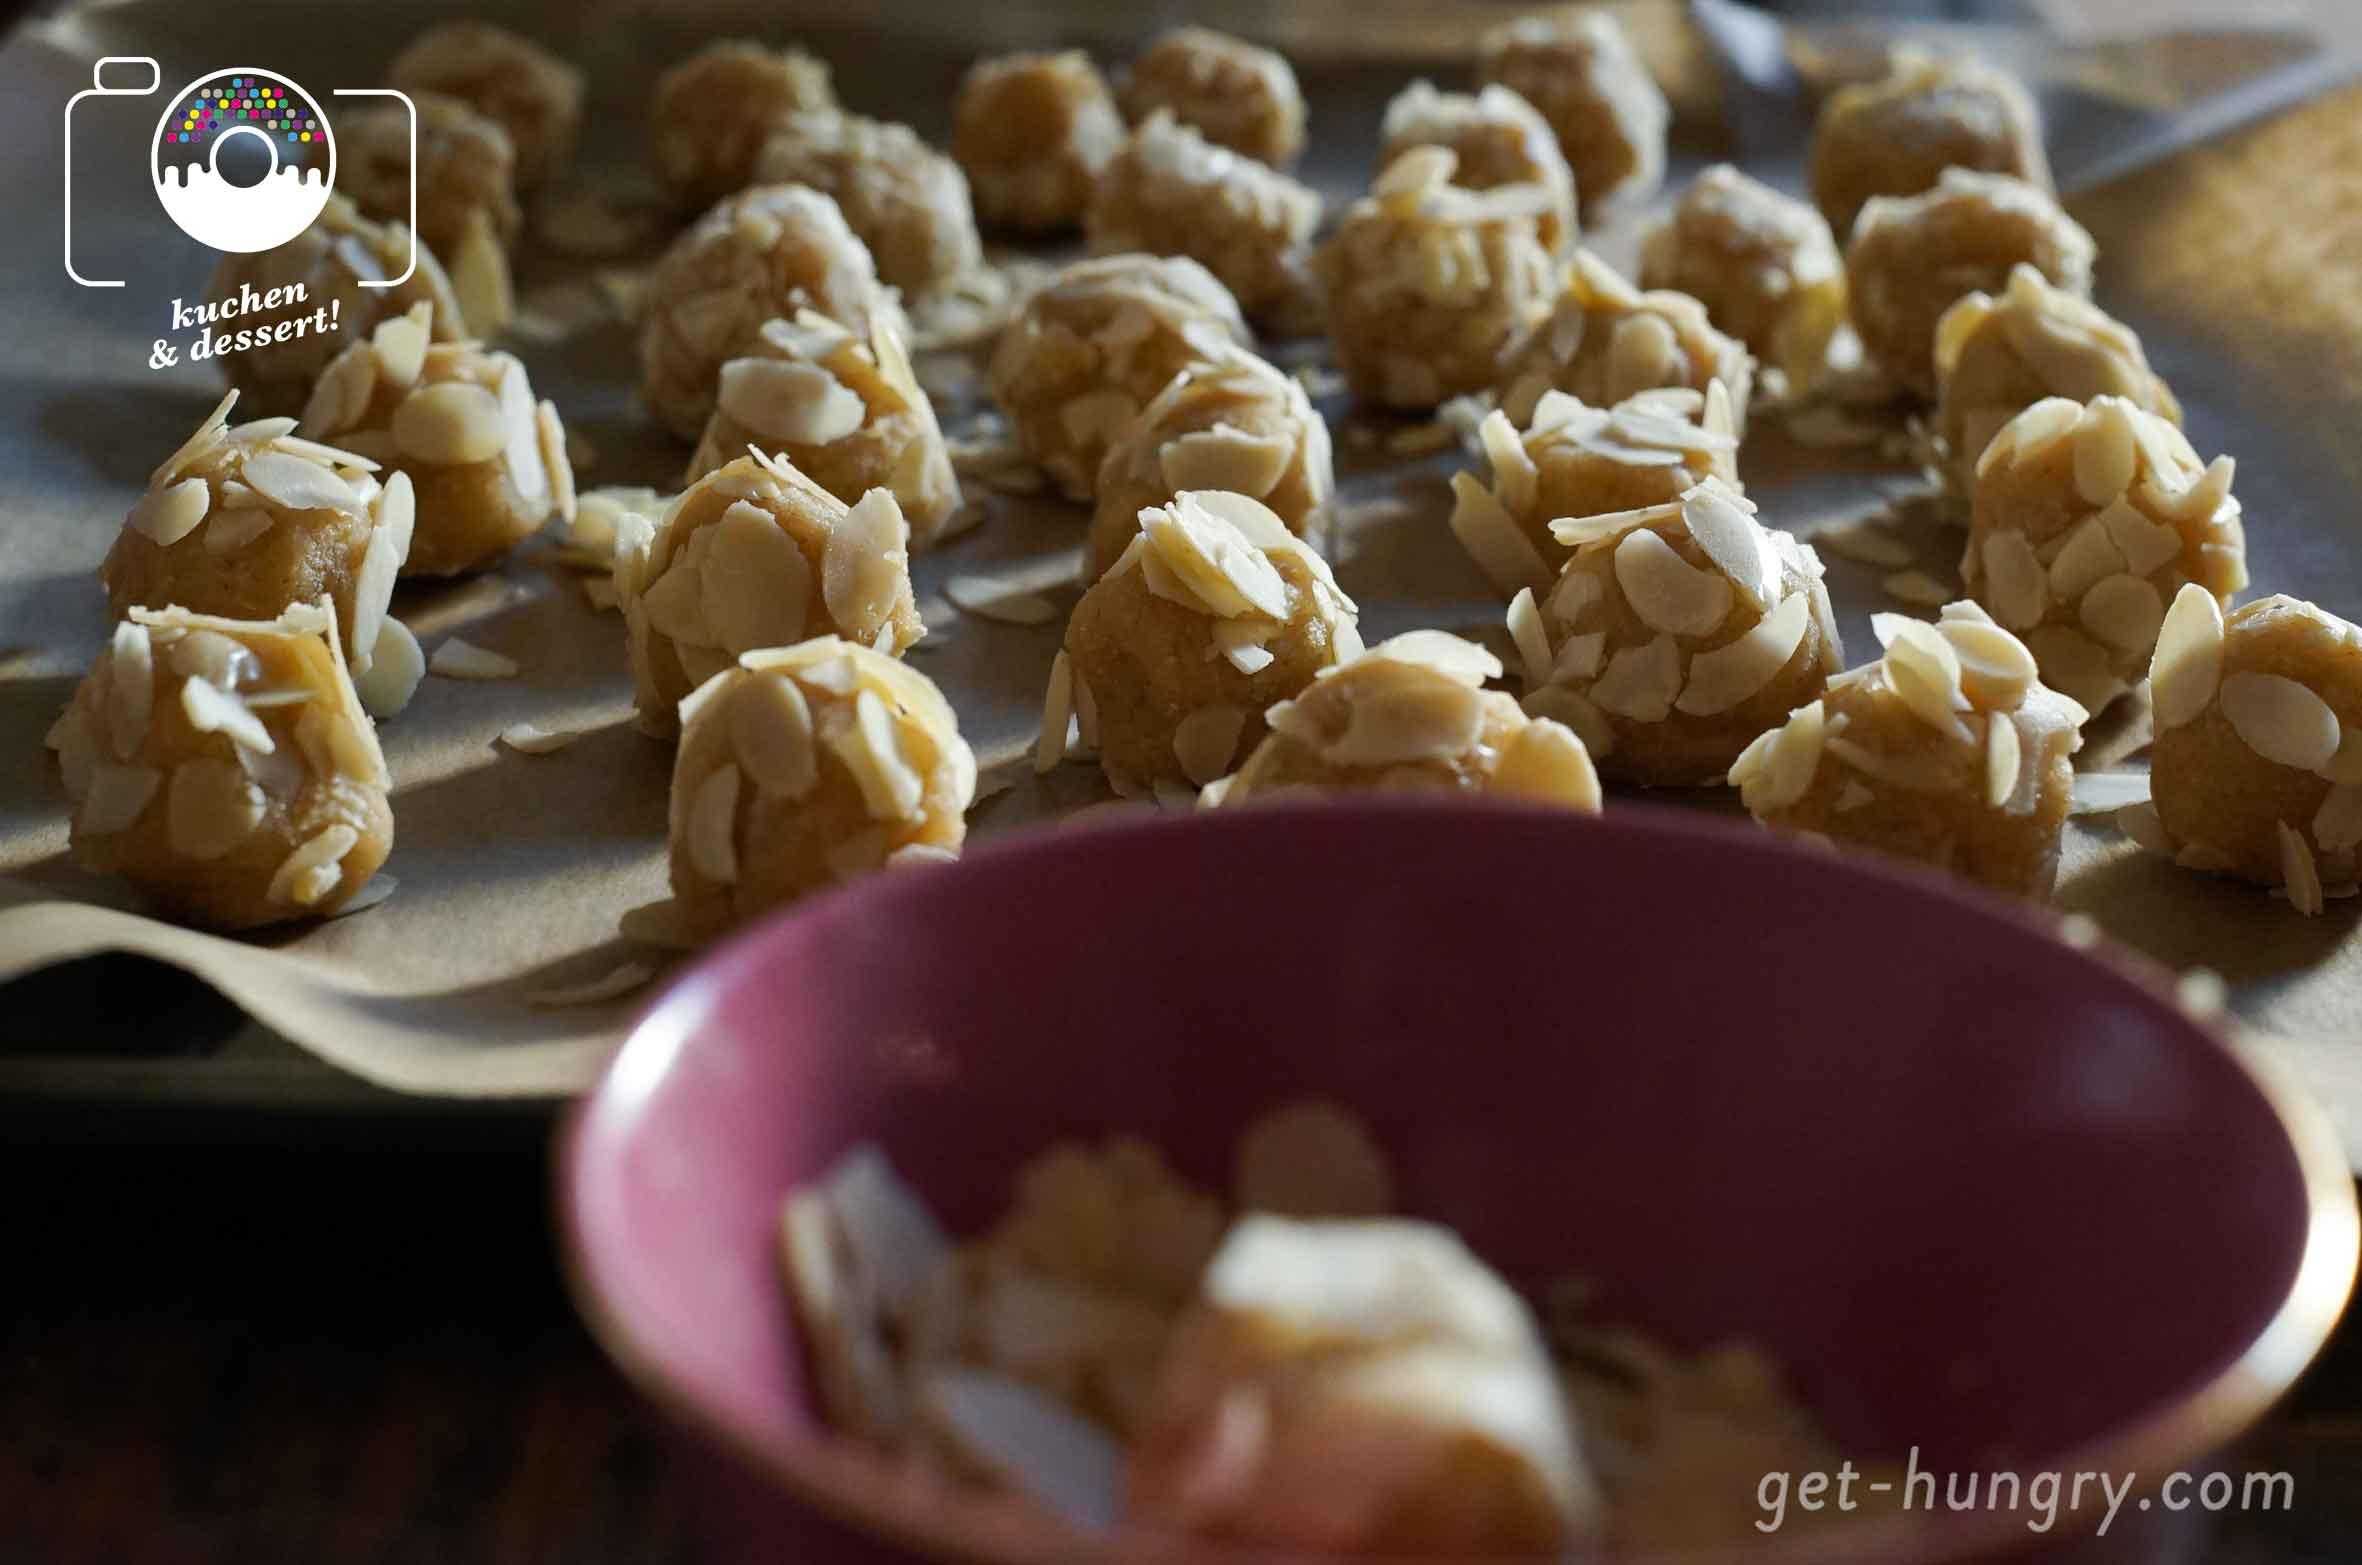 So geht Mandel satt: feinstes Marzipan, Amaretto Mandel-Likör, gemahlene Mandeln und für die krosse Hülle rundherum nochmal viele kleine Mandelblättchen.